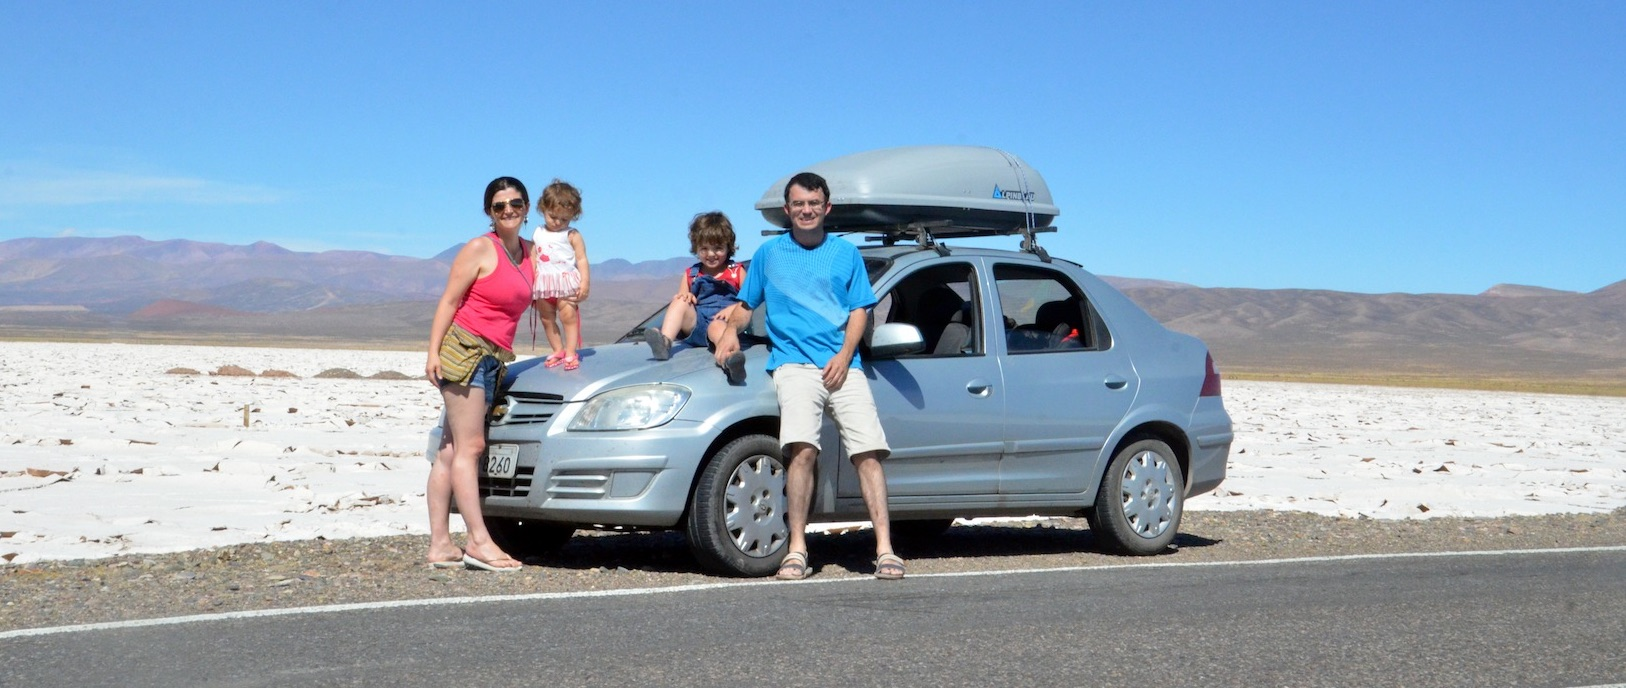 Nós somos Alexandre, Rosângela, Felipe, Isabela e Rafael. Moramos em Pelotas/RS - Brasil.